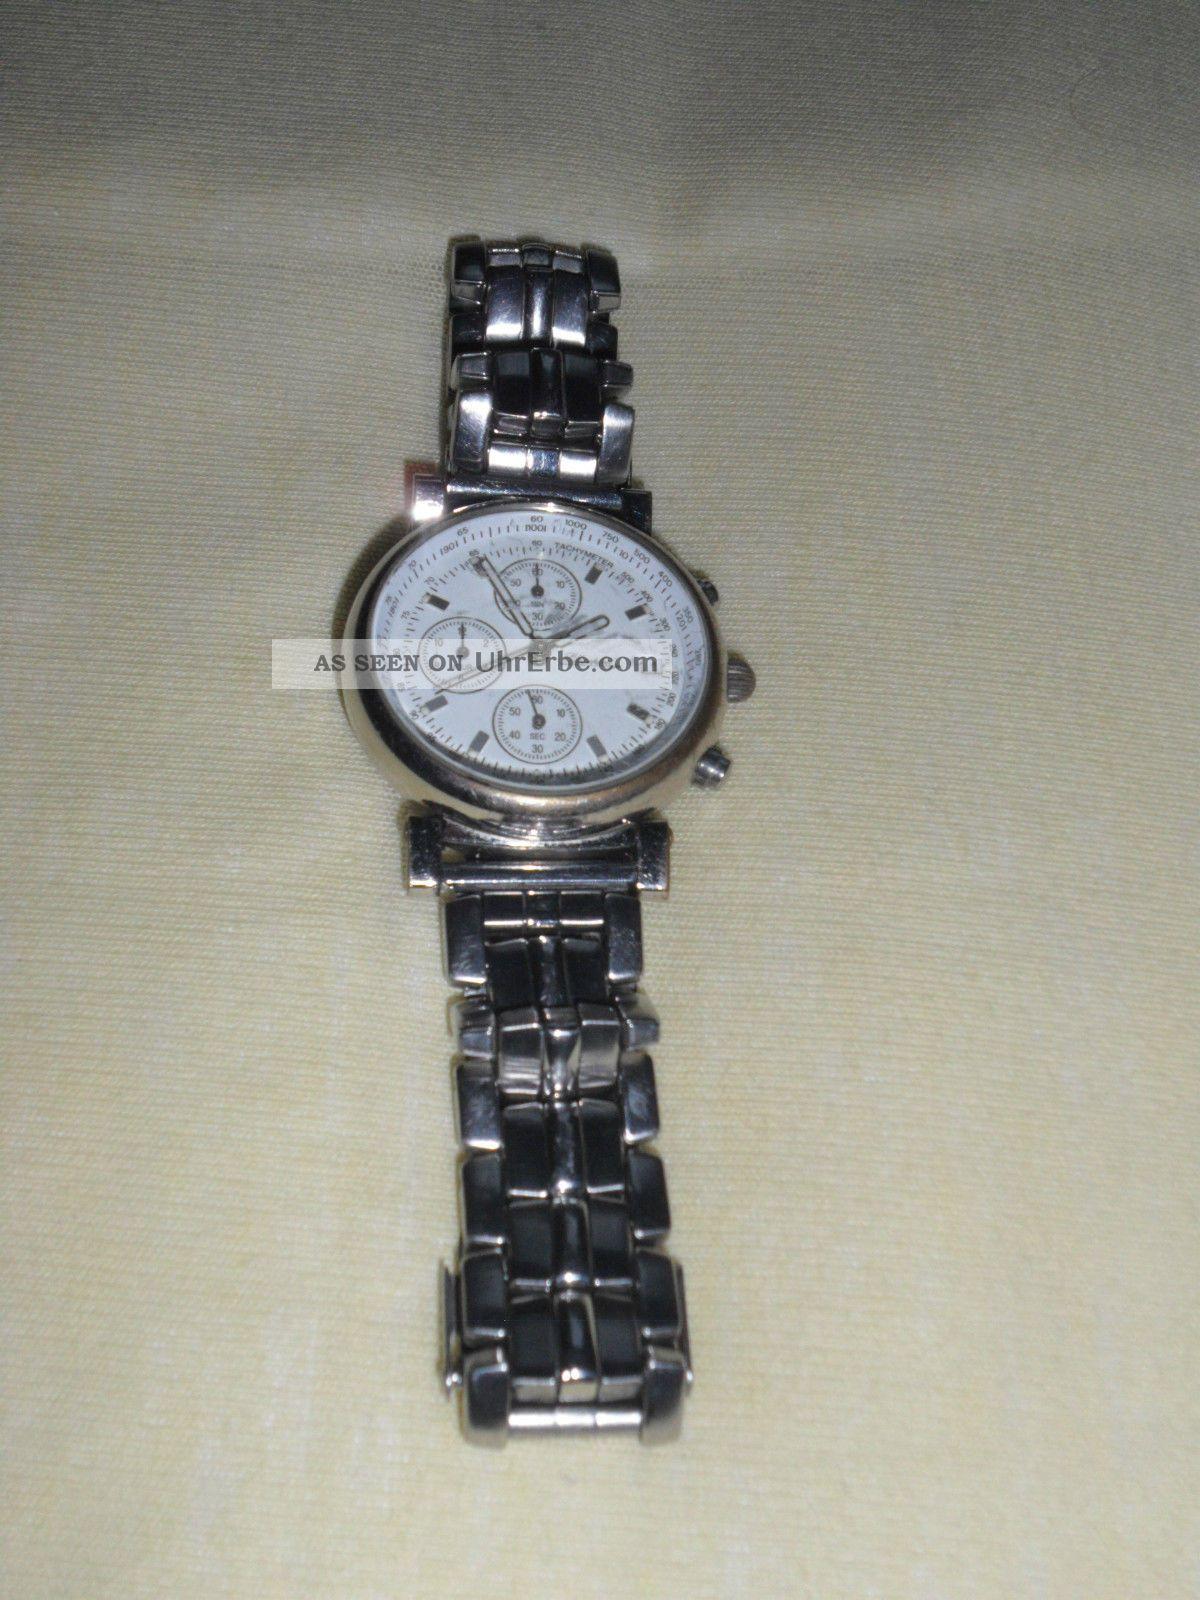 Herrenuhr Herren Armbanduhr Uhr Metallarmband Mercedes Benz Silberpfeil Armbanduhren Bild